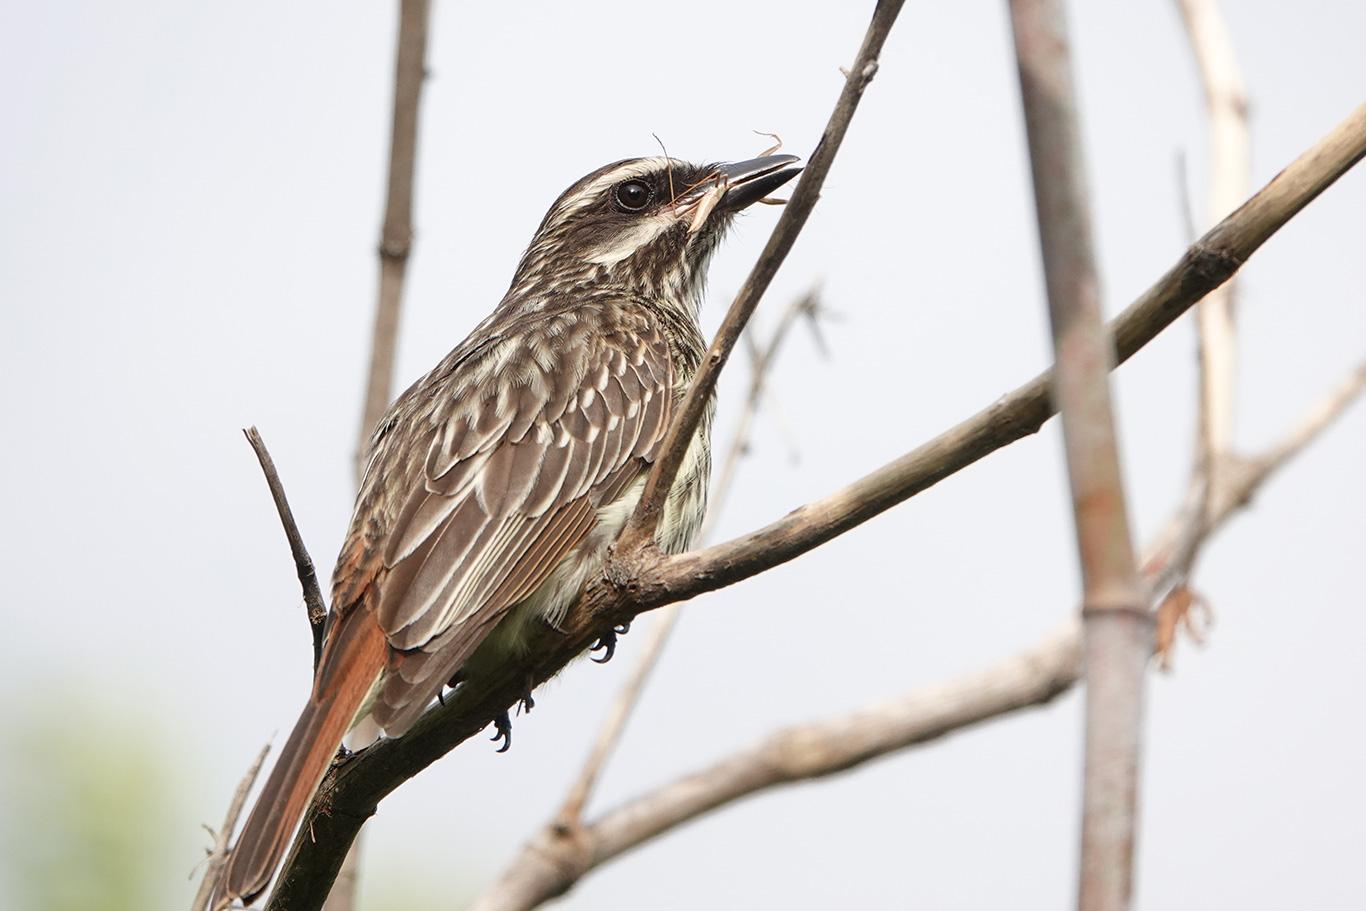 Streaked Flycatcher, Reserva Ecológica Costanera Sur, Buenos Aires, Argentina.